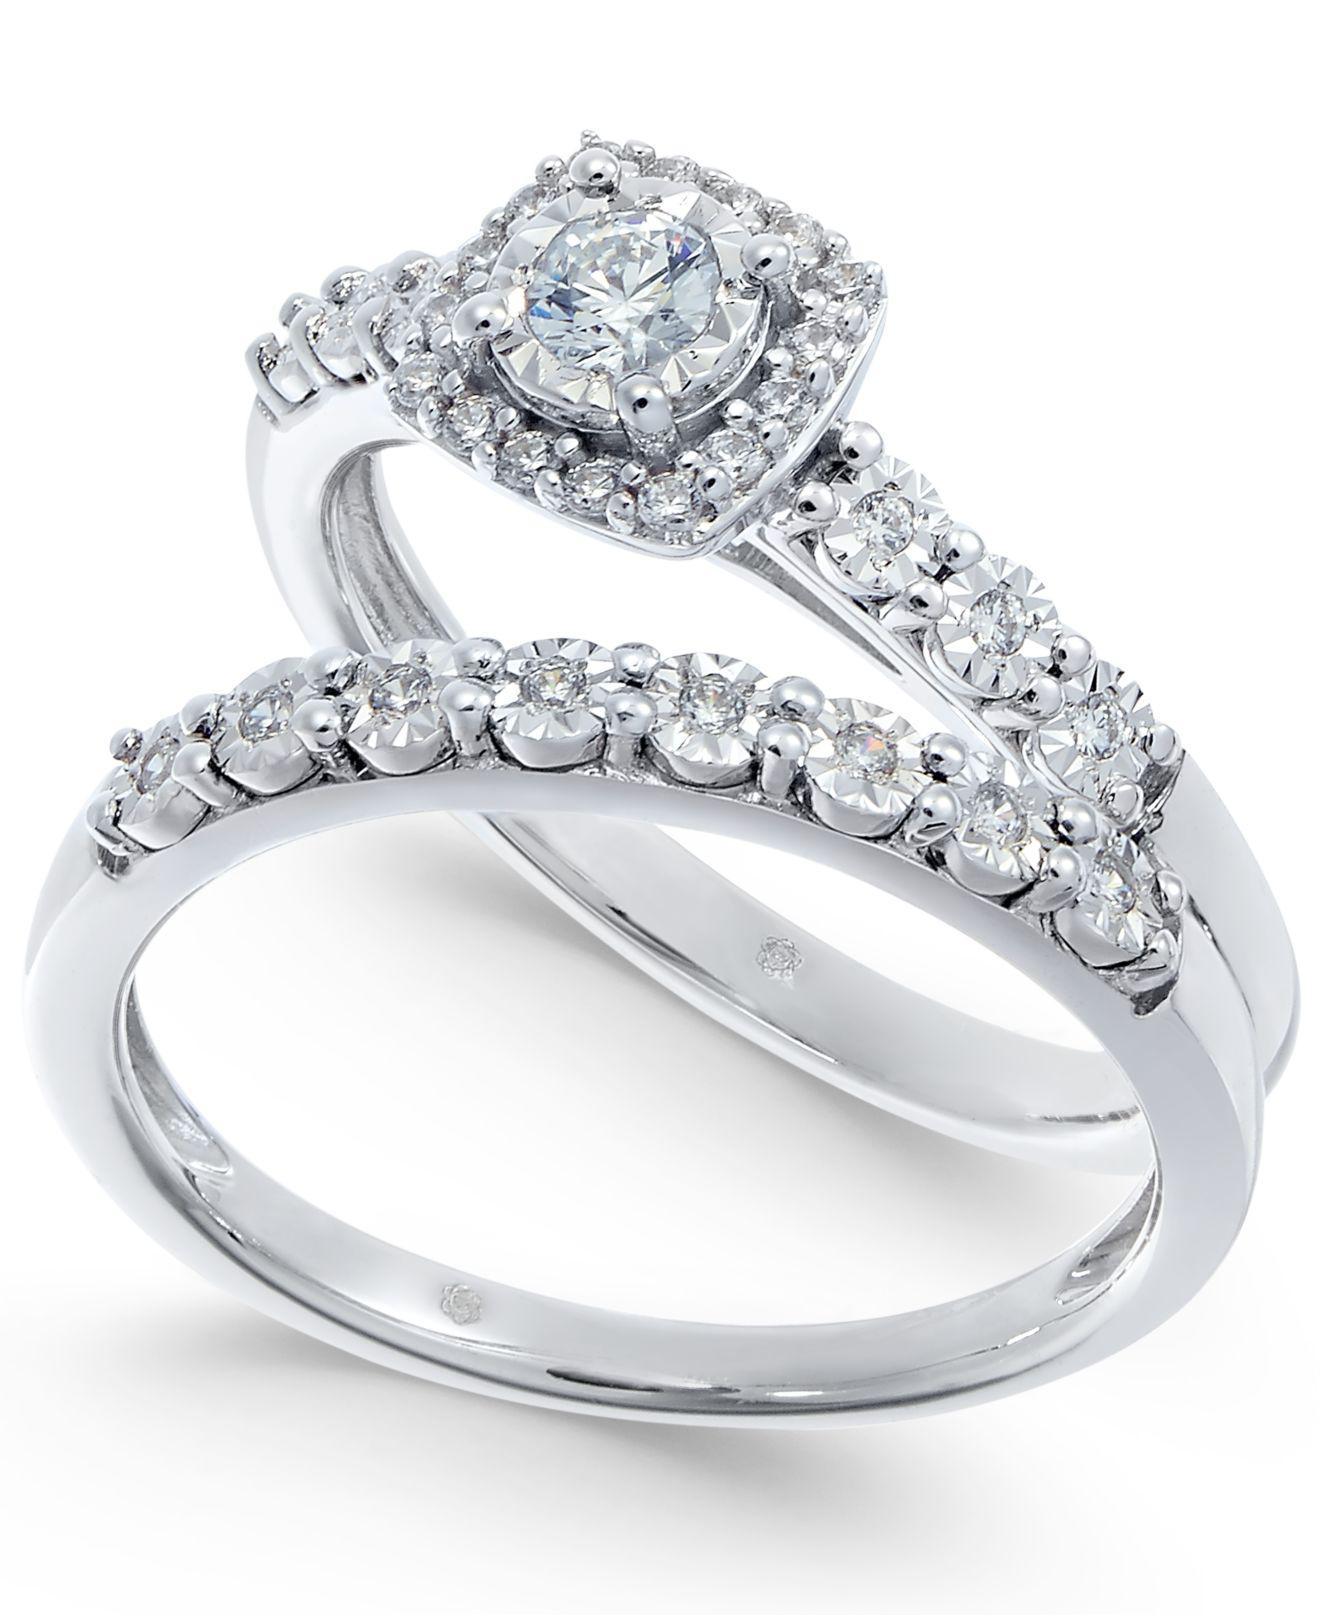 Macy s Diamond Halo Bridal Set 1 4 Ct T w In 14k White Gold in